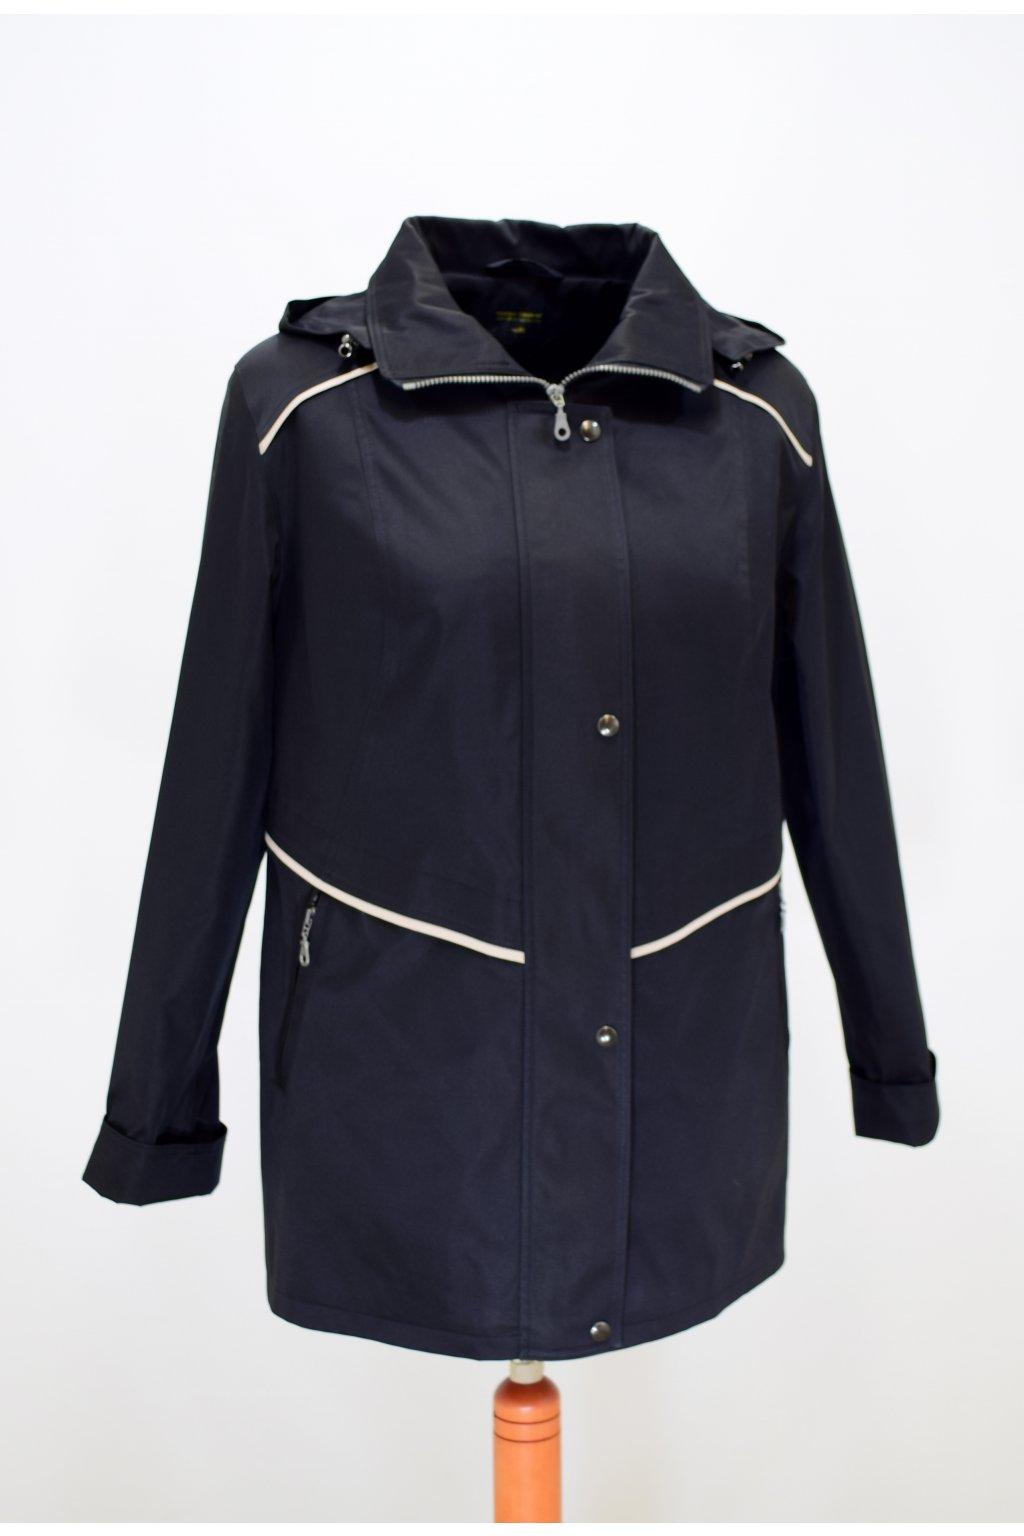 Dámská černá jarní bunda Edita nadměrné velikosti.